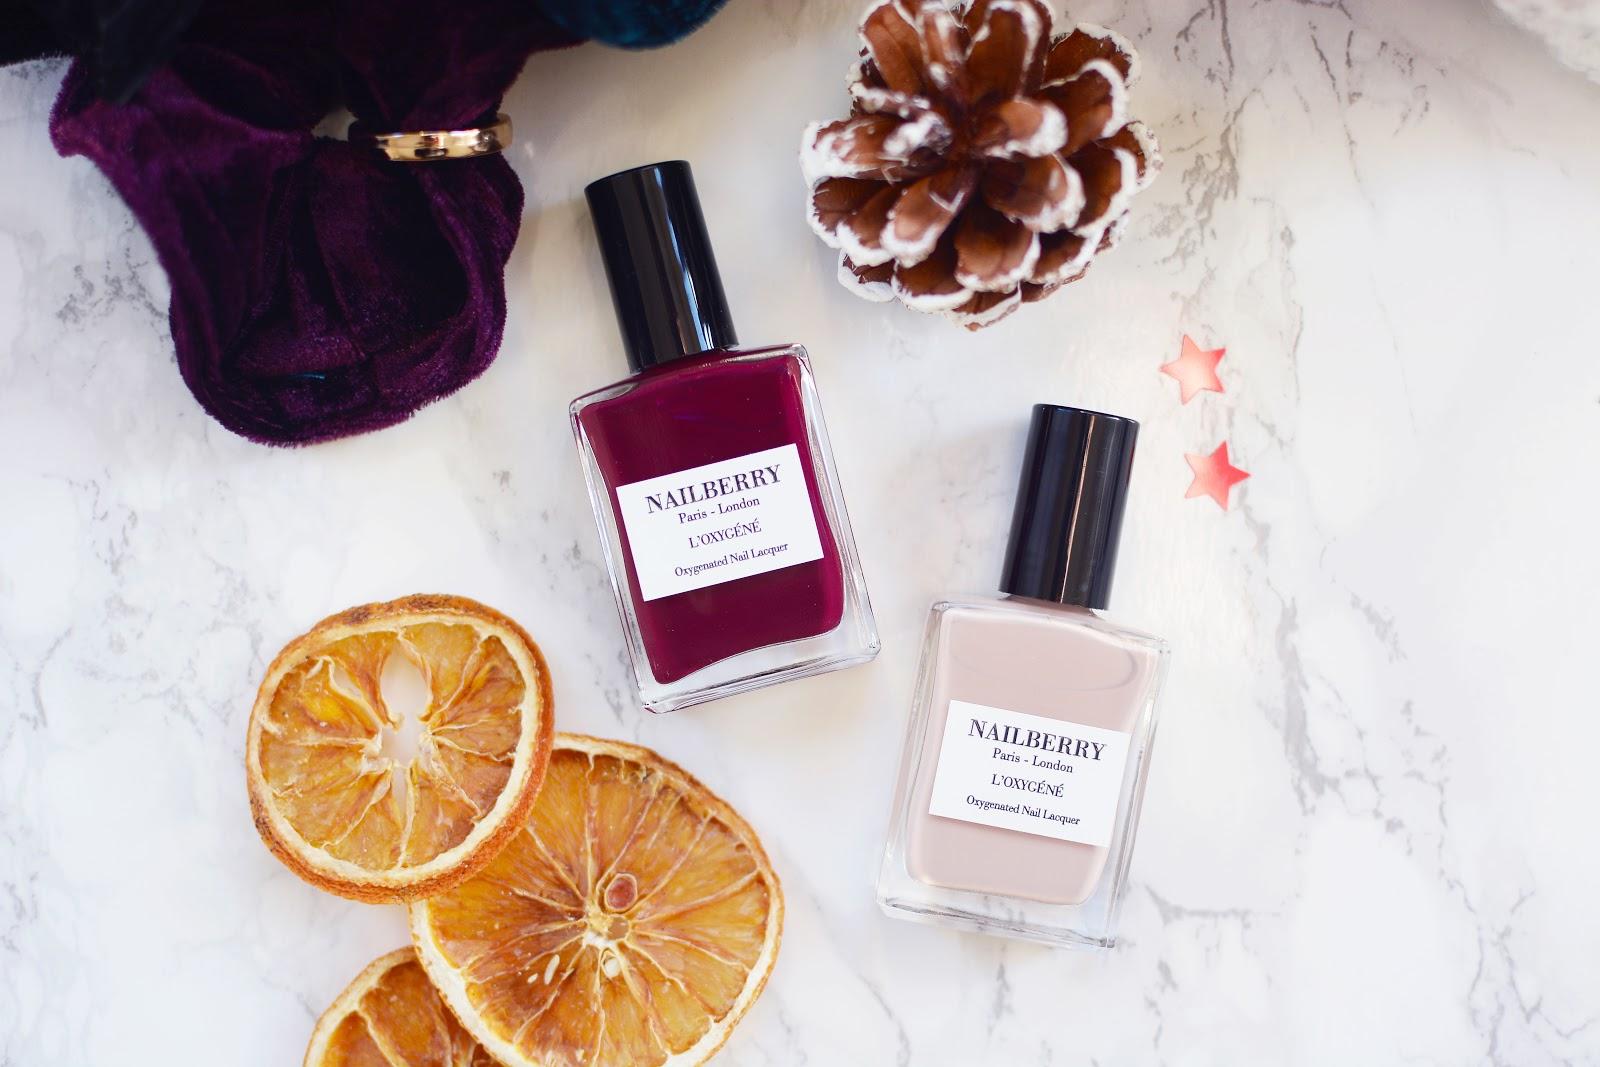 Nailberry L'Oxygene nail polish